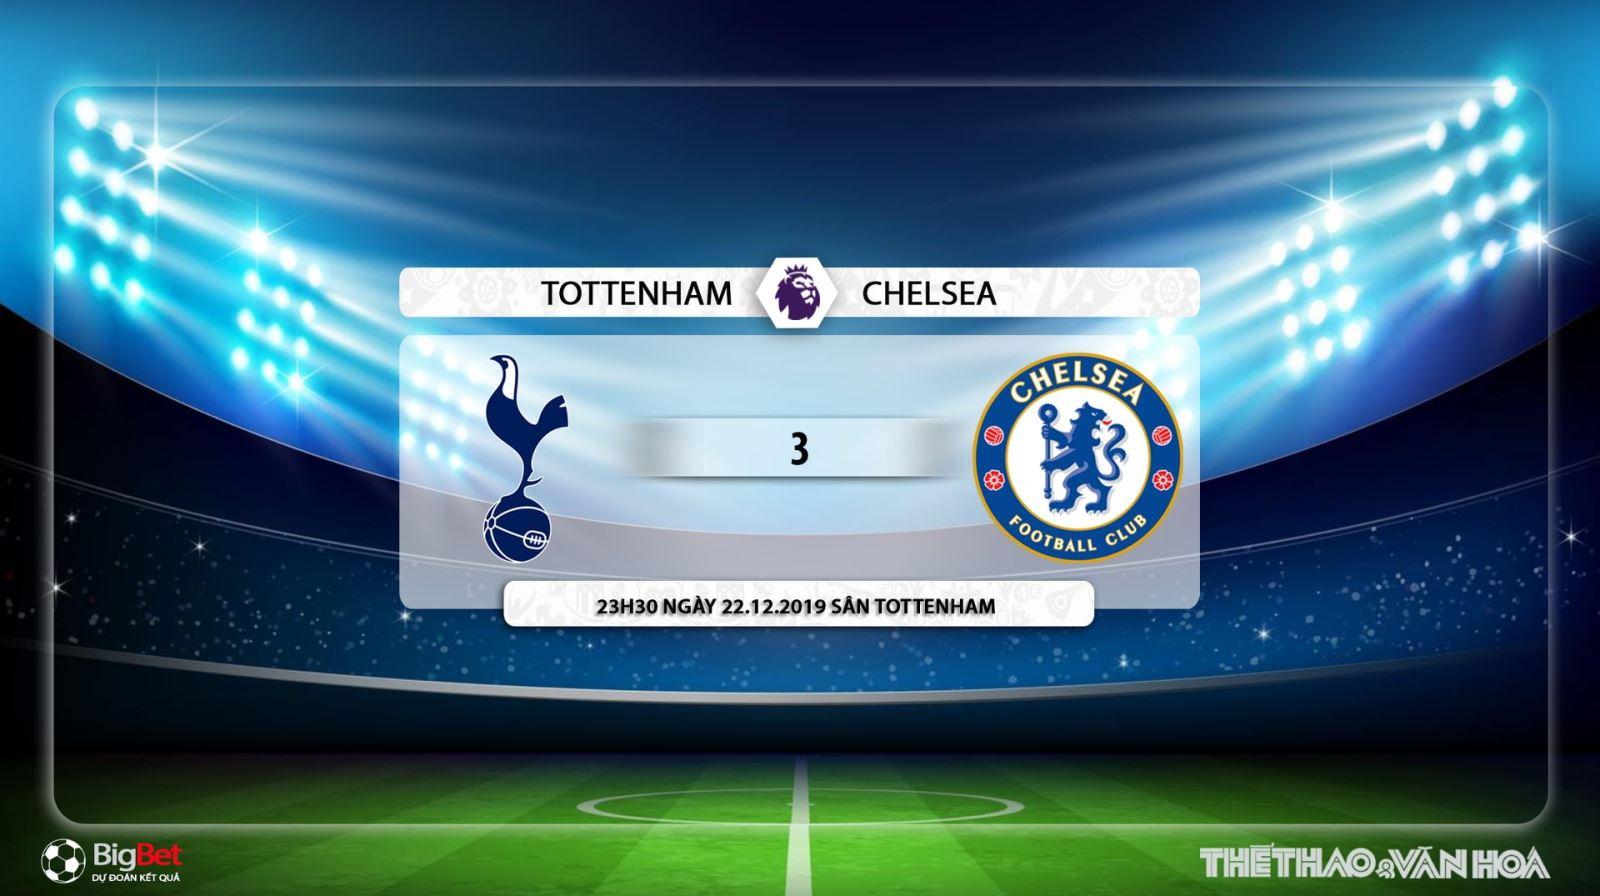 chelsea, tottenham, Tottenham vs Chelsea, tottenham, chelsea, dự đoán  Tottenham vs Chelsea, trực tiếp  Tottenham vs Chelsea, bóng đá, lịch thi đấu